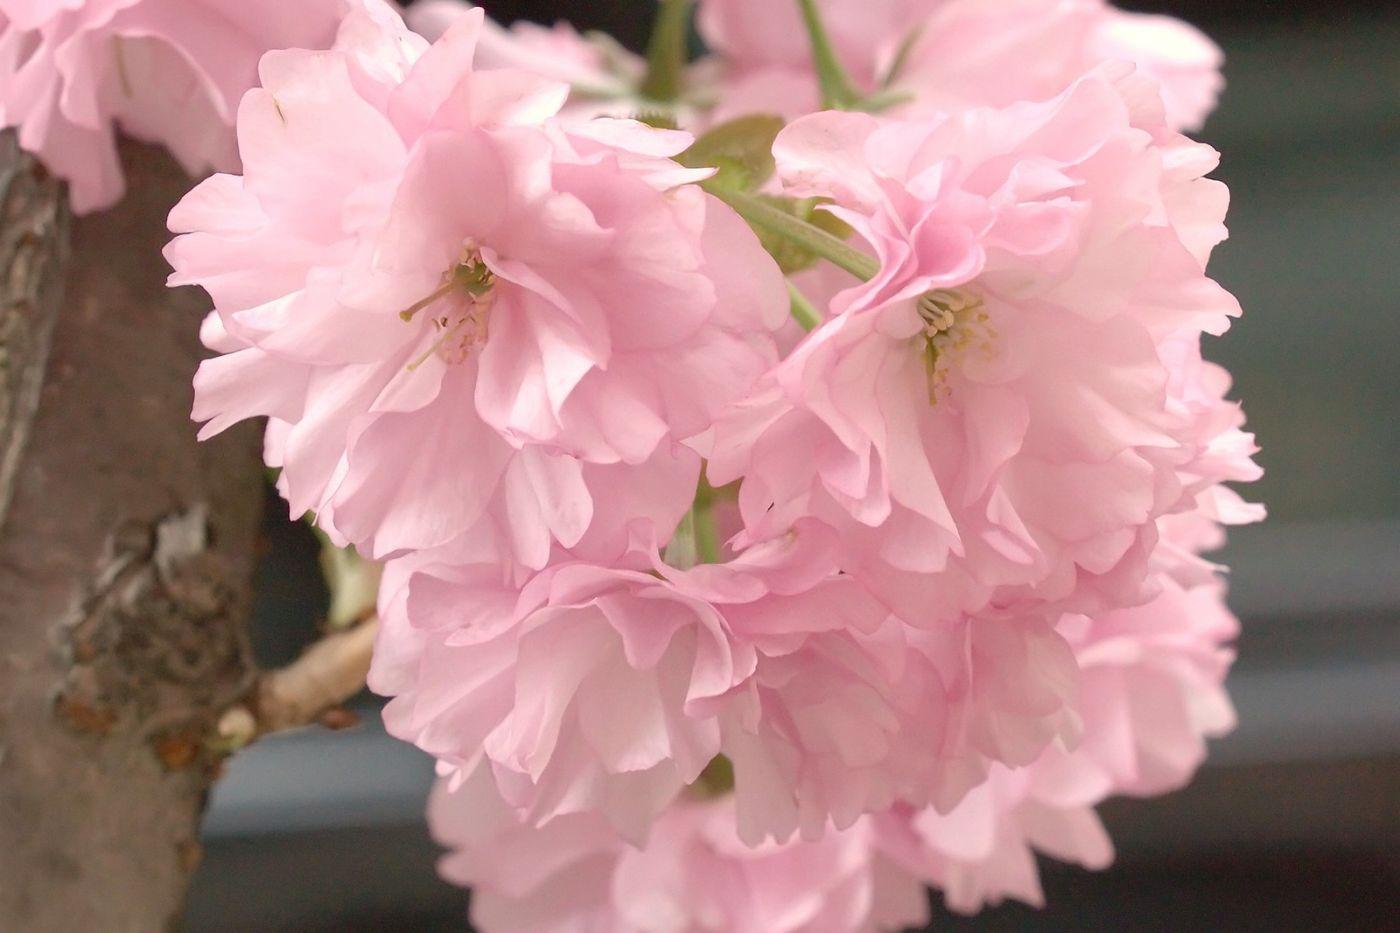 粉红的水嫩的,好看极了_图1-10